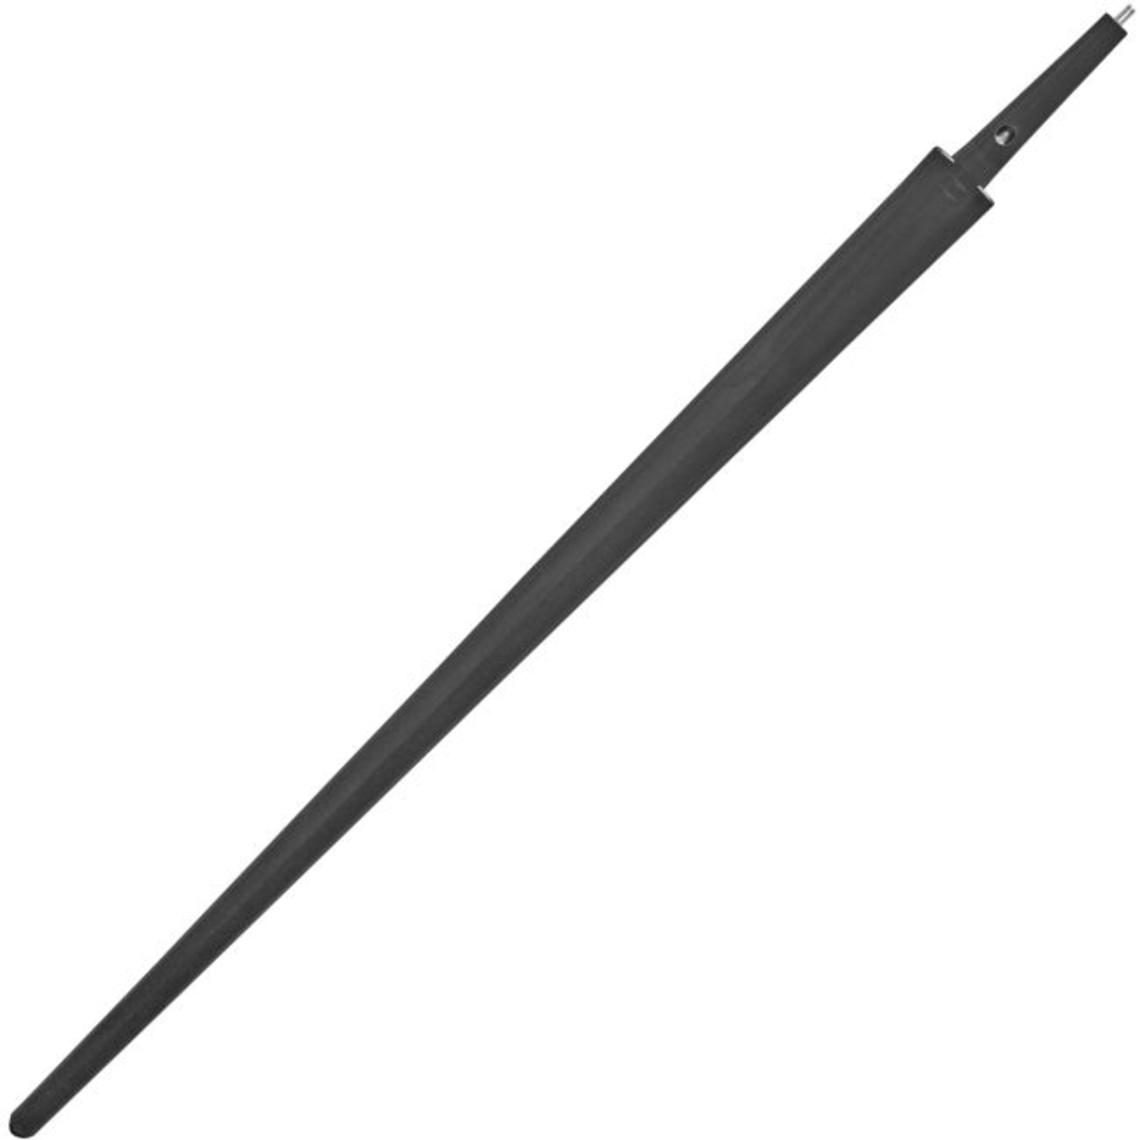 Red dragon espada de plástico negro hoja de la espada